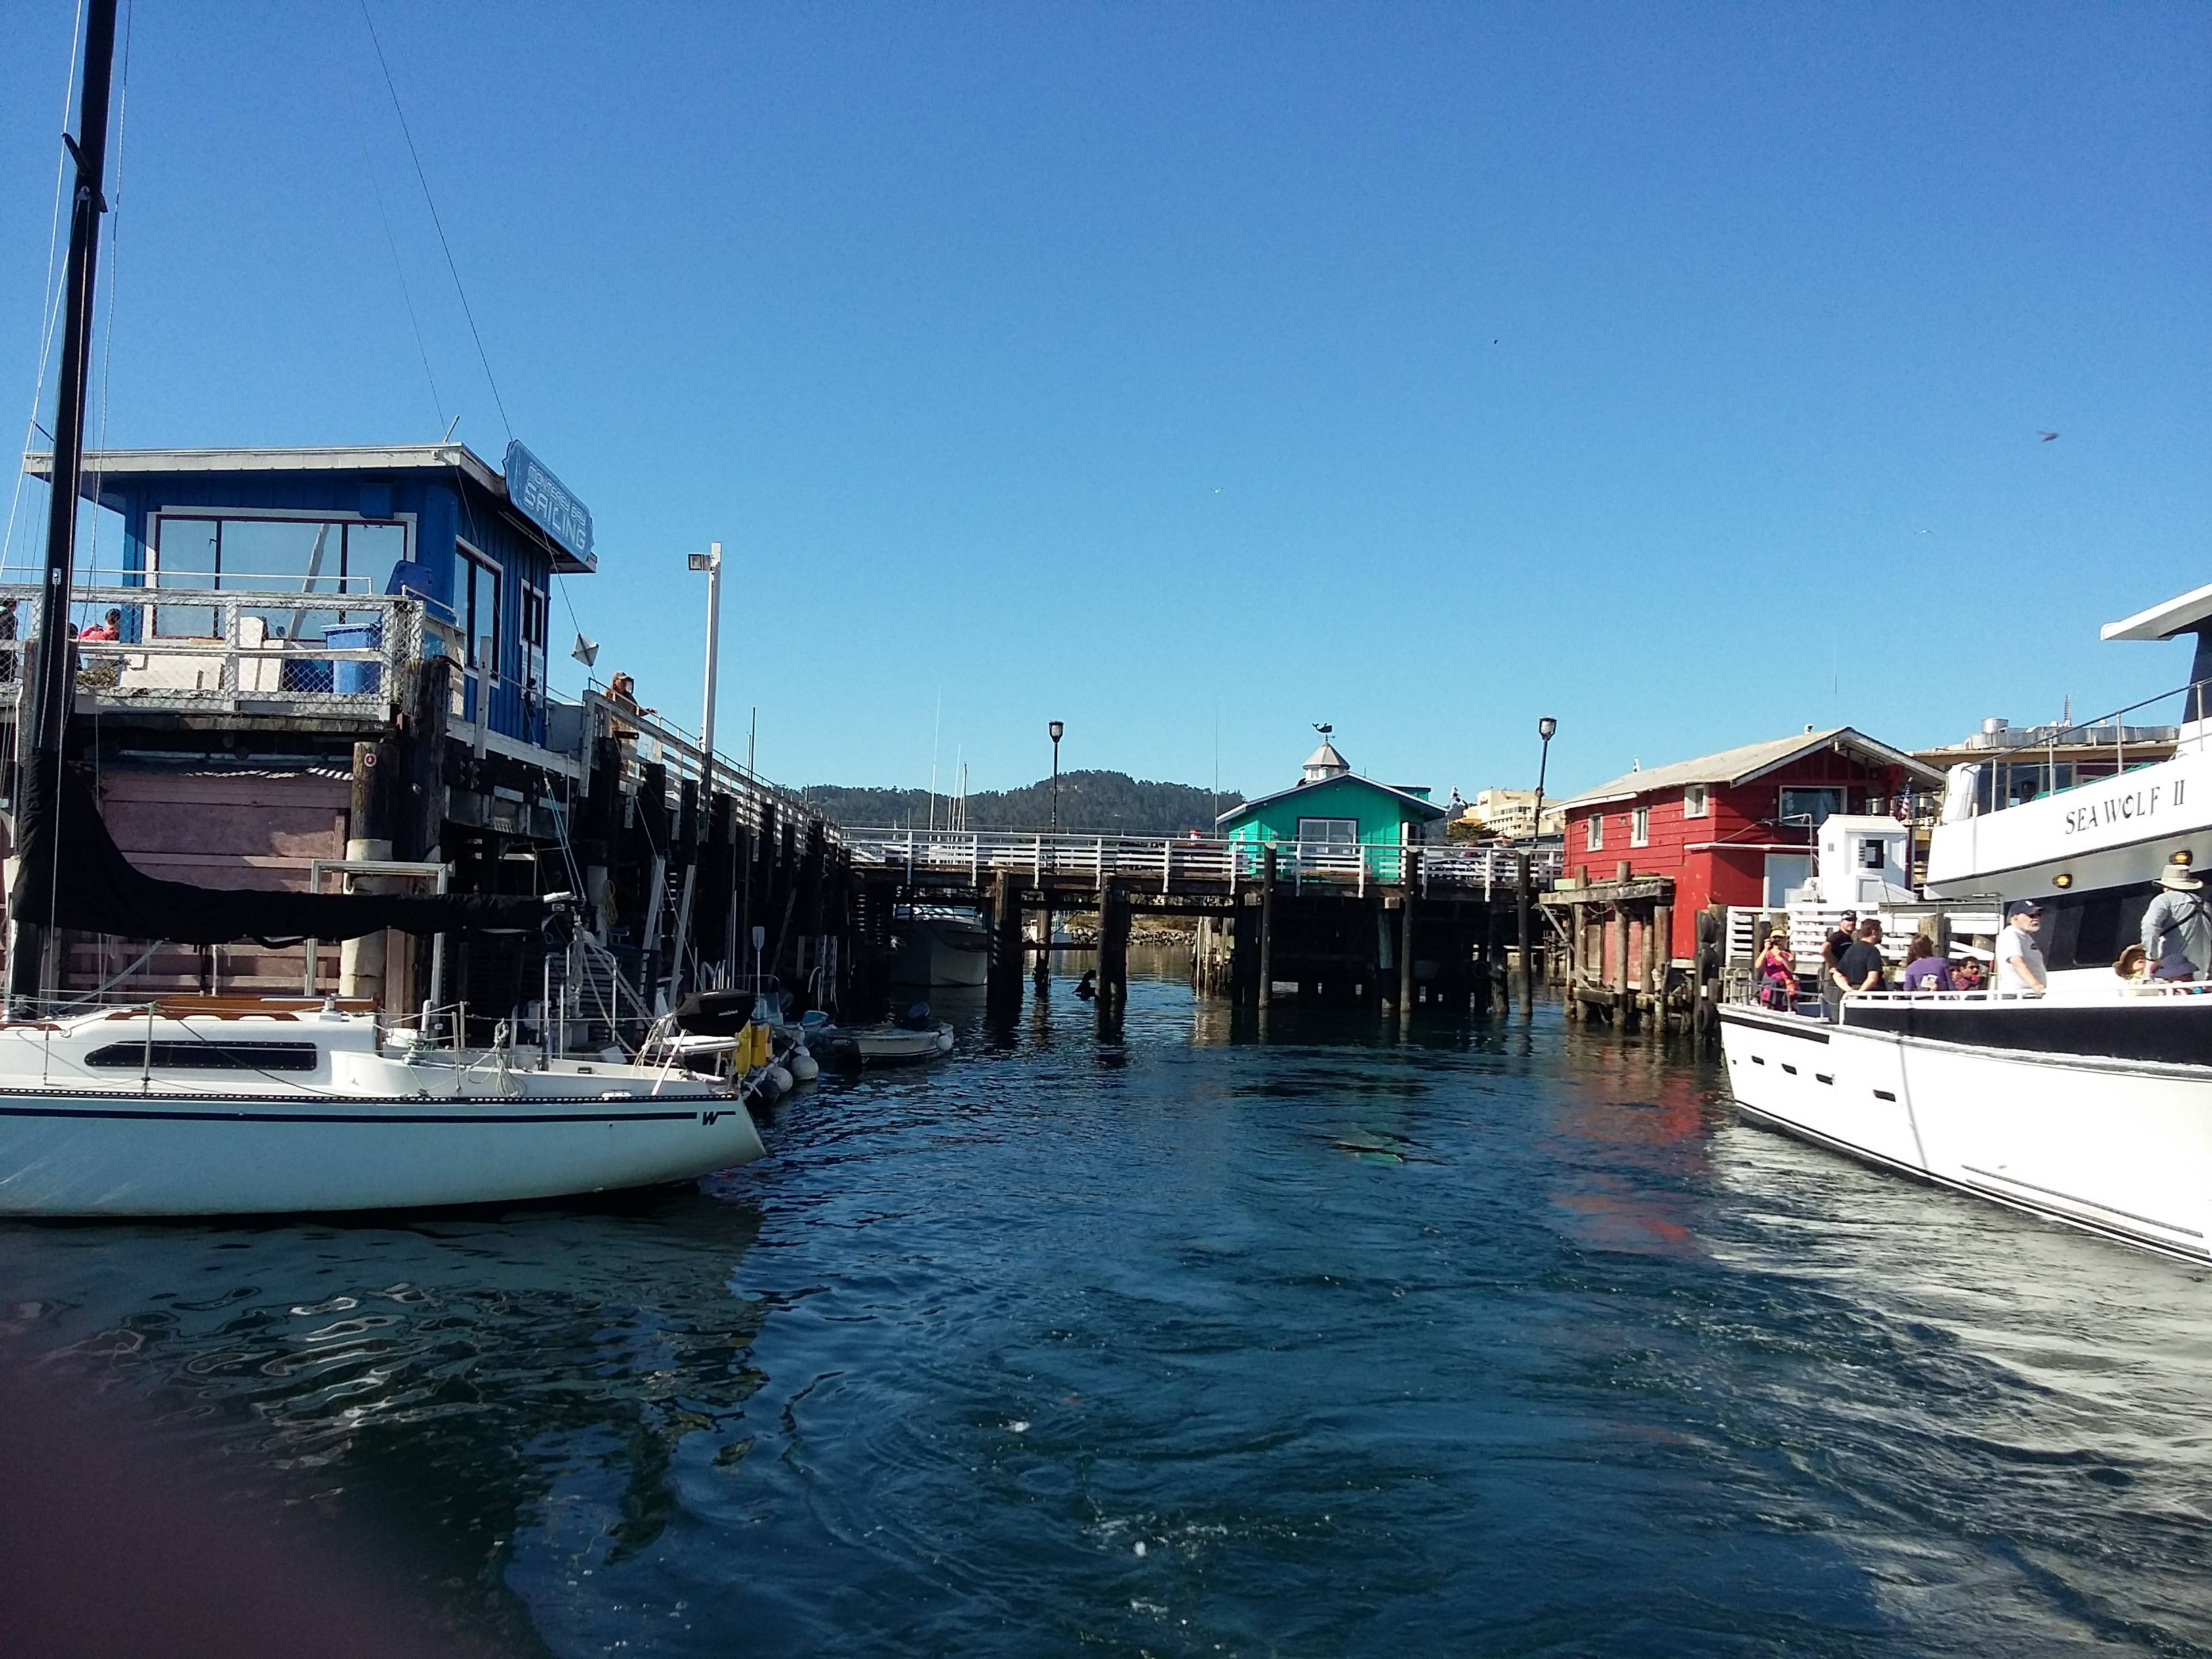 Photo 1: Aller voir les baleines au départ de Monterey